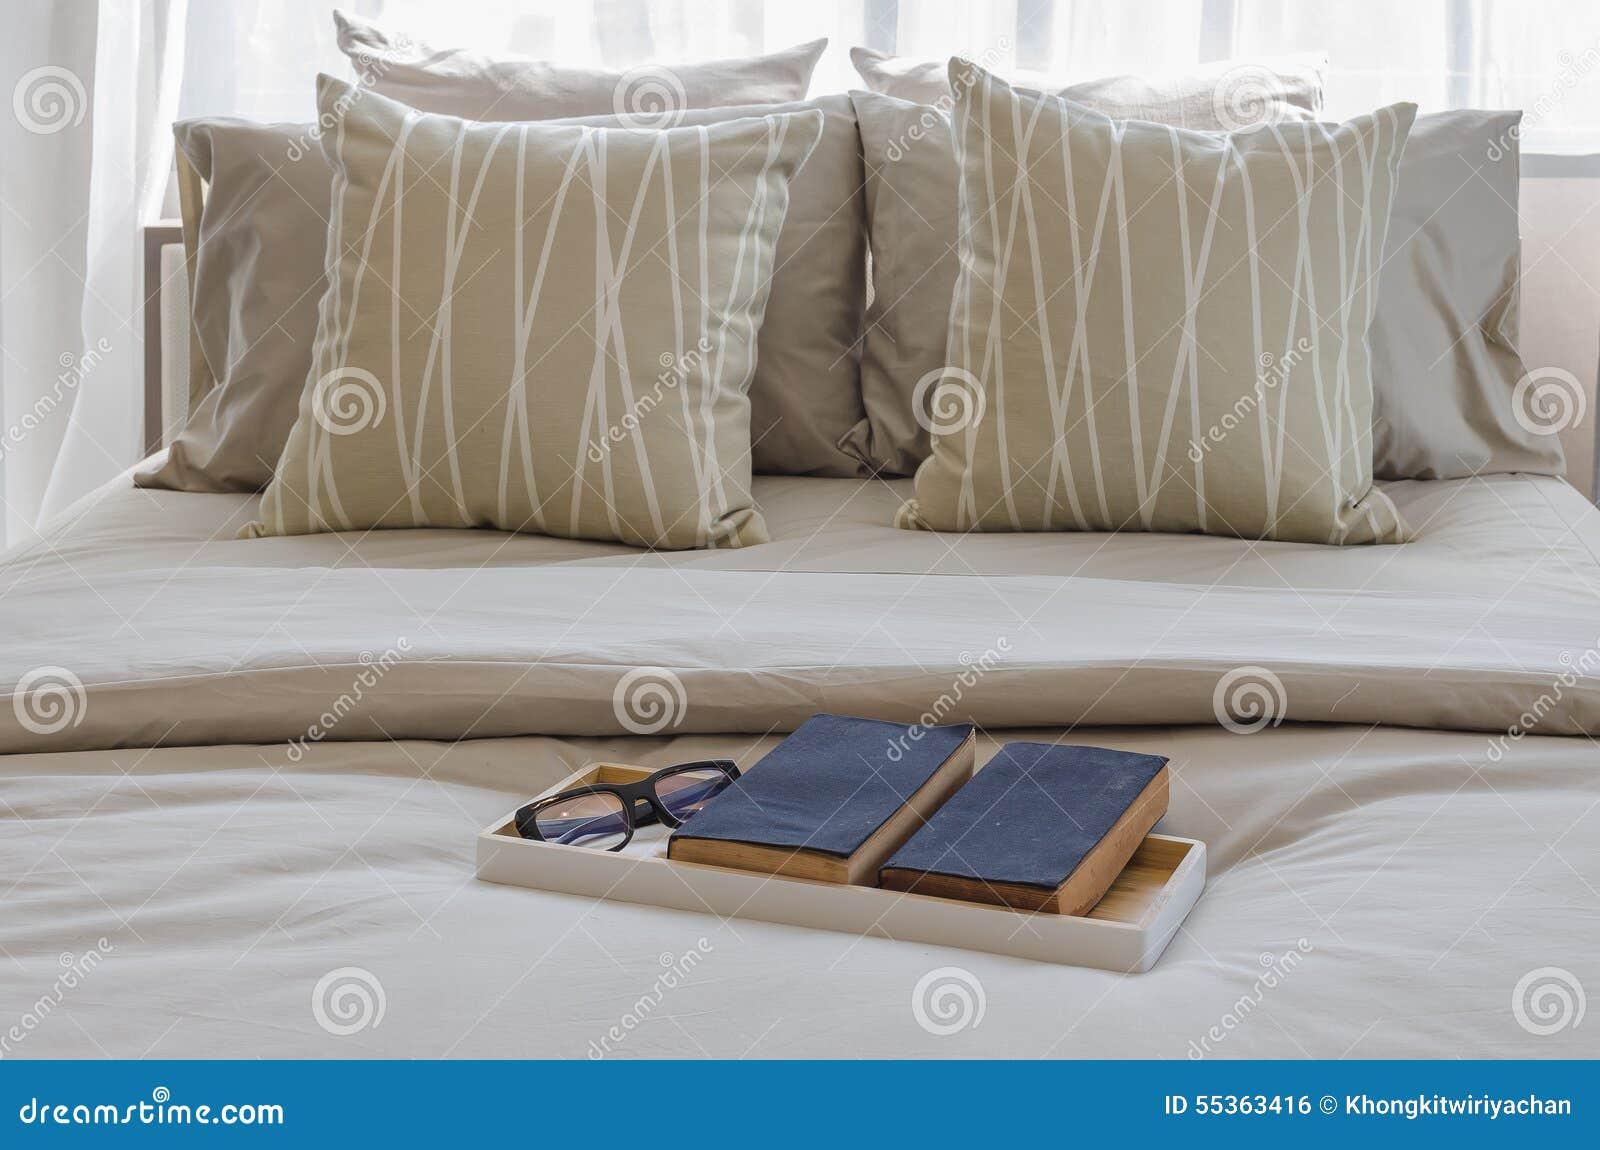 Vassoio di libro con vetro sul letto in camera da letto di lusso